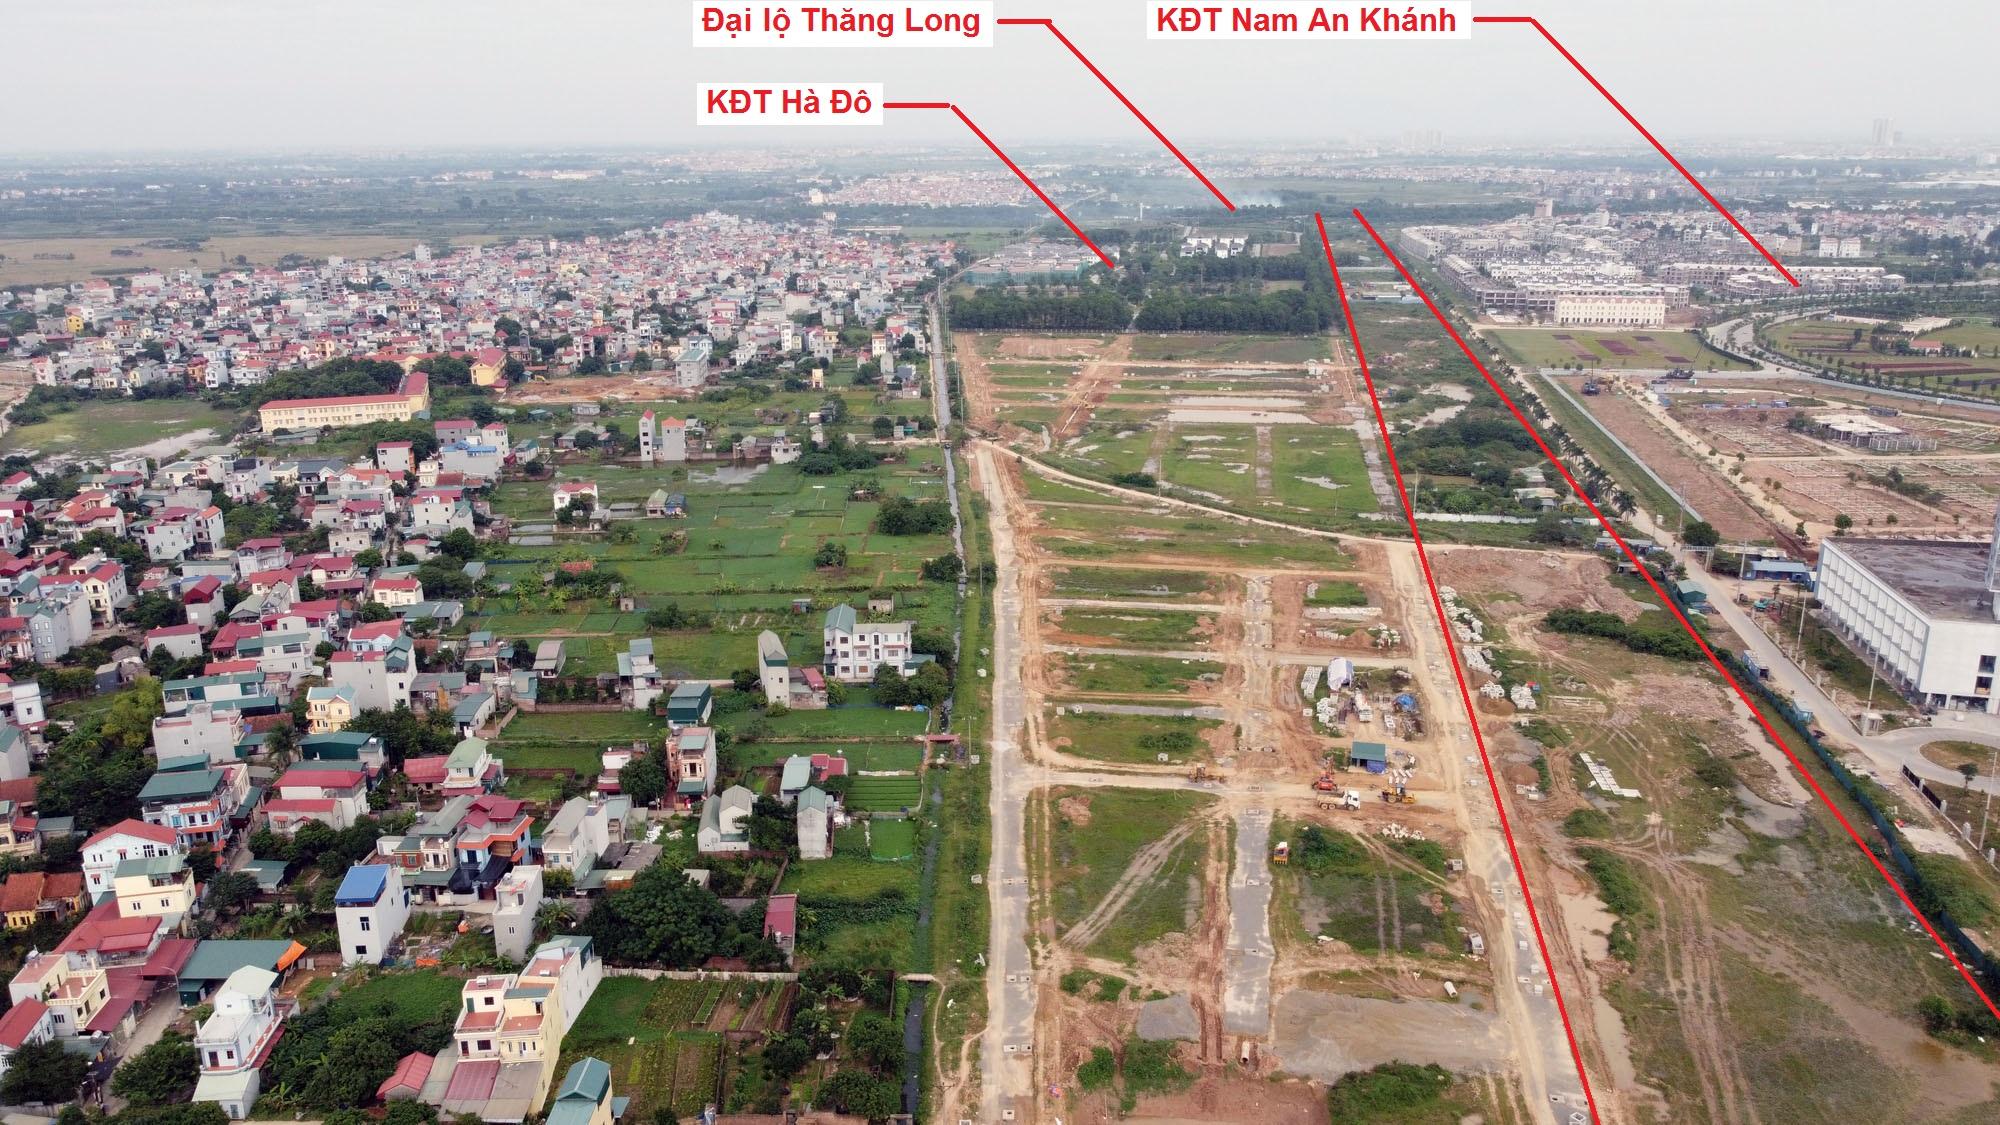 đường sẽ mở theo quy hoạch ở xã An Thượng, Hoài Đức, Hà Nội - Ảnh 9.